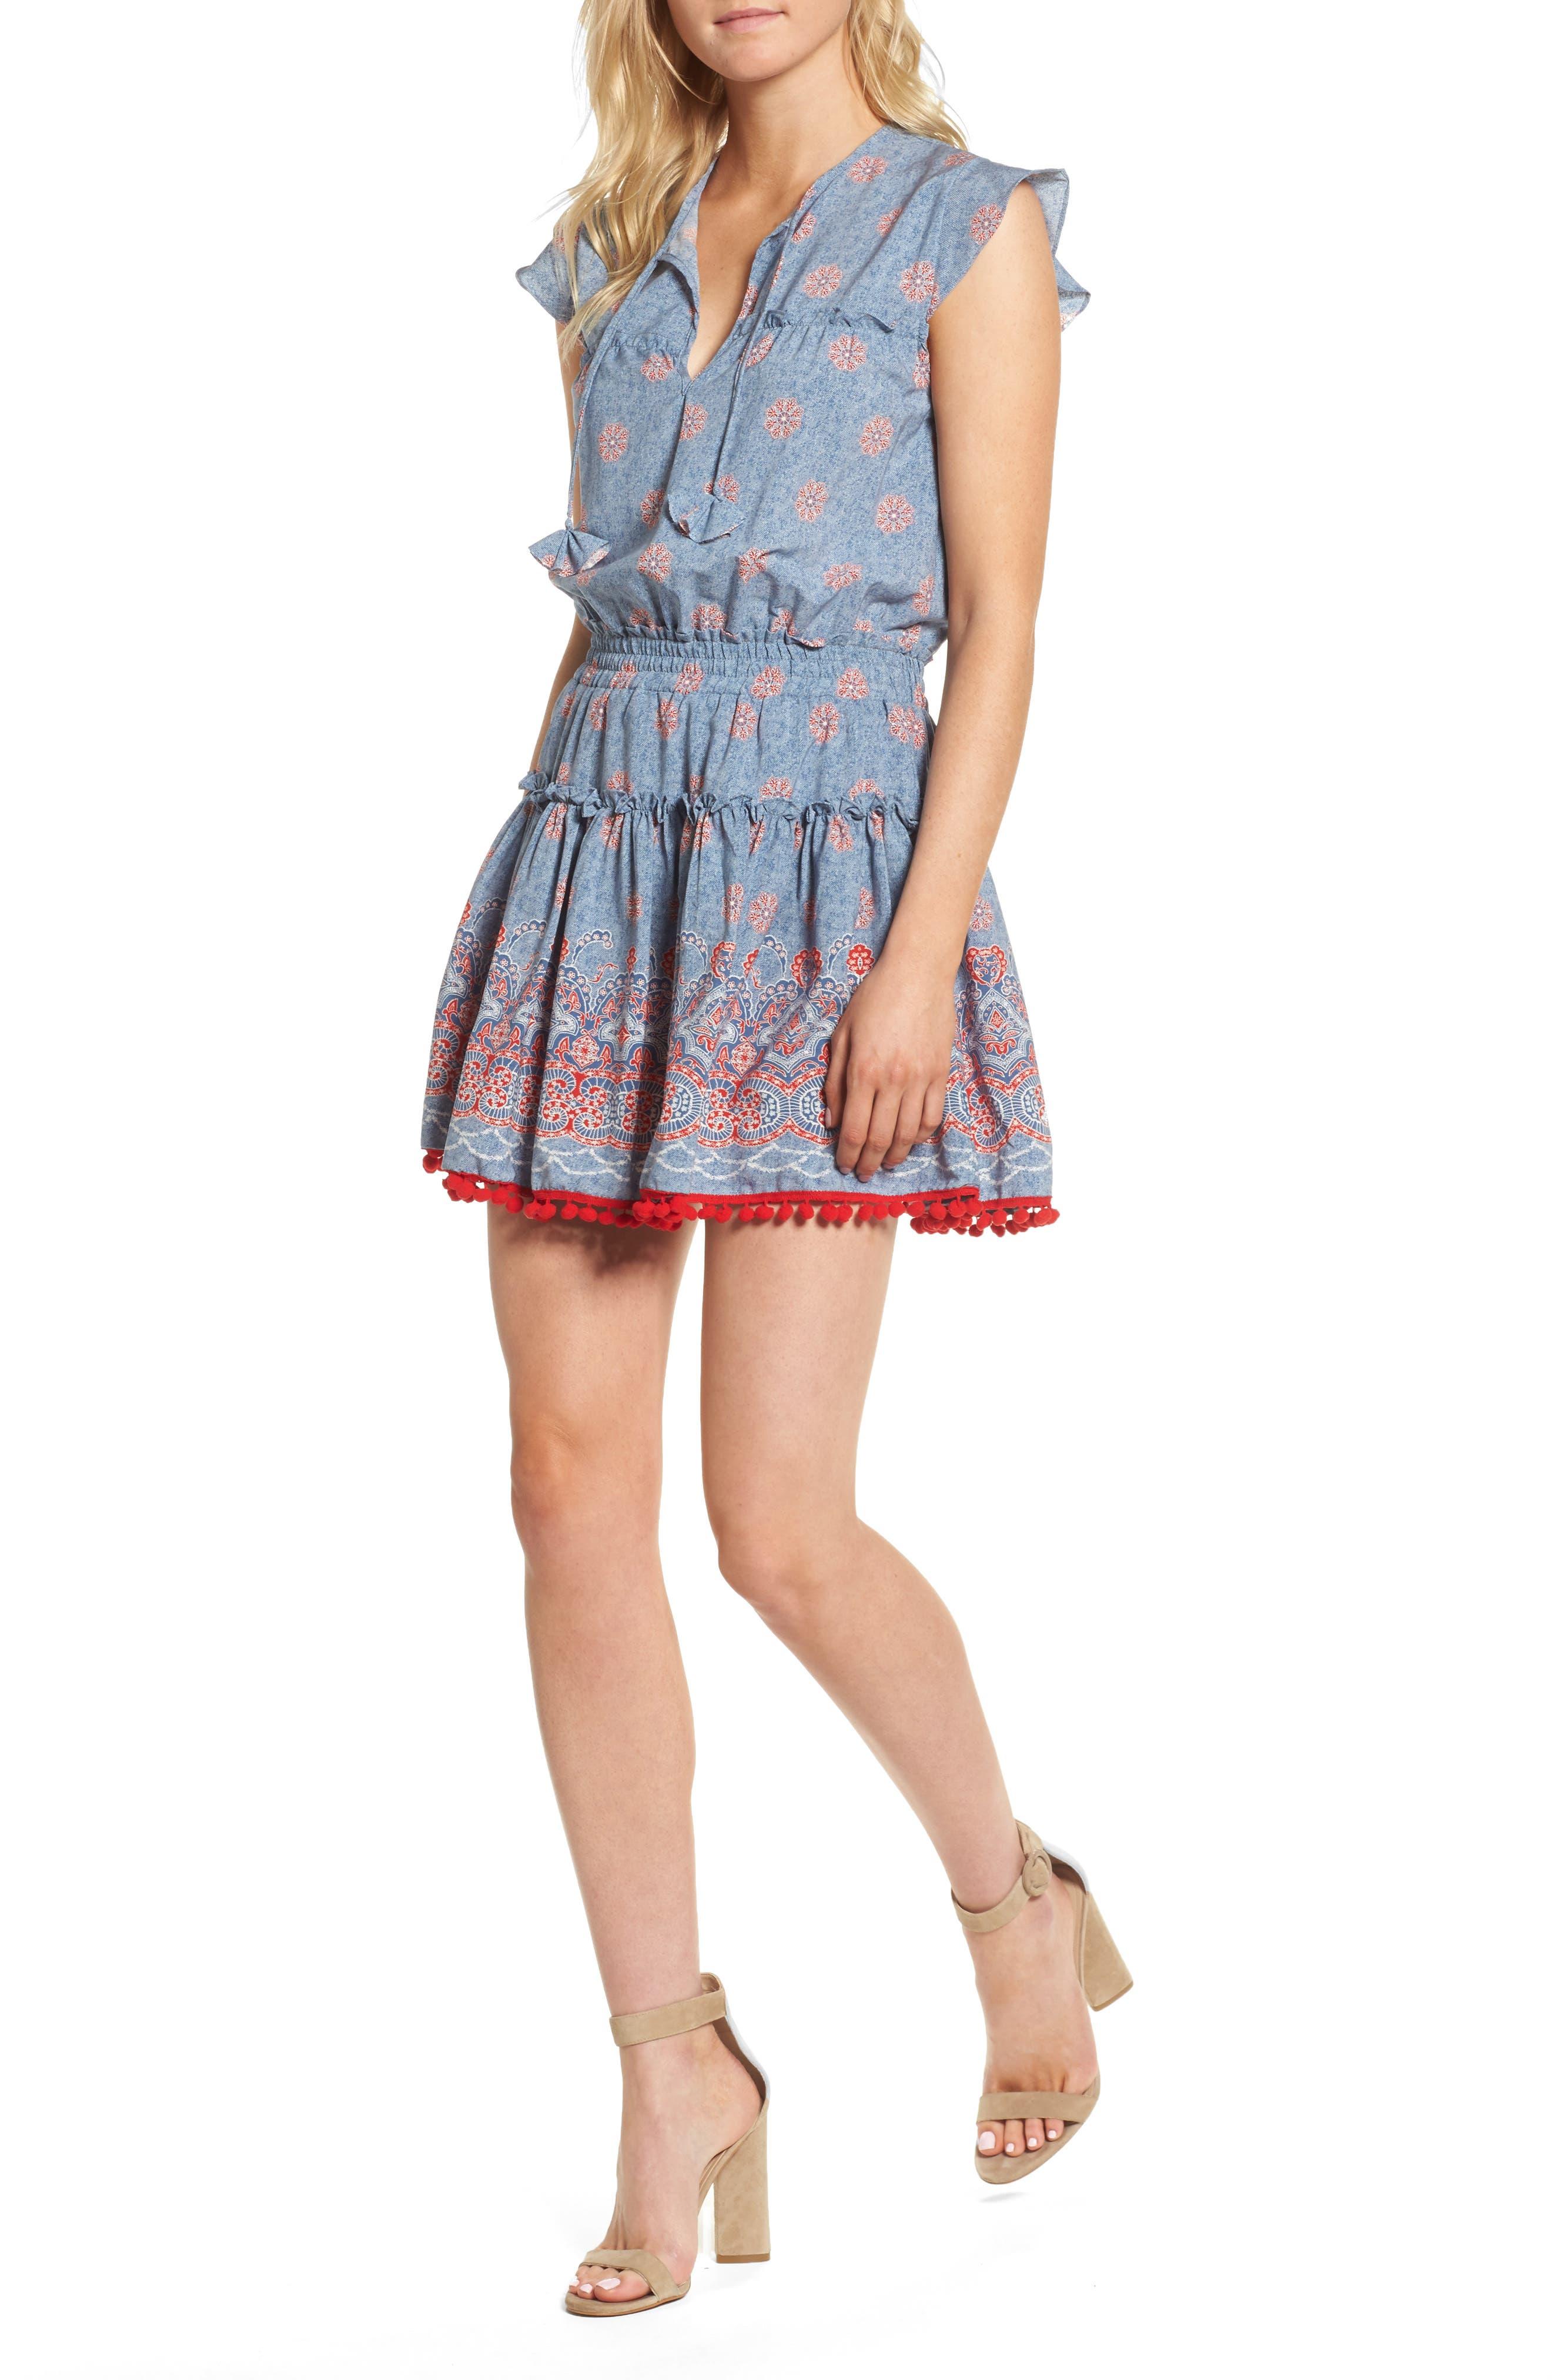 Tatiana Minidress,                             Main thumbnail 1, color,                             Blue/ Red Multi